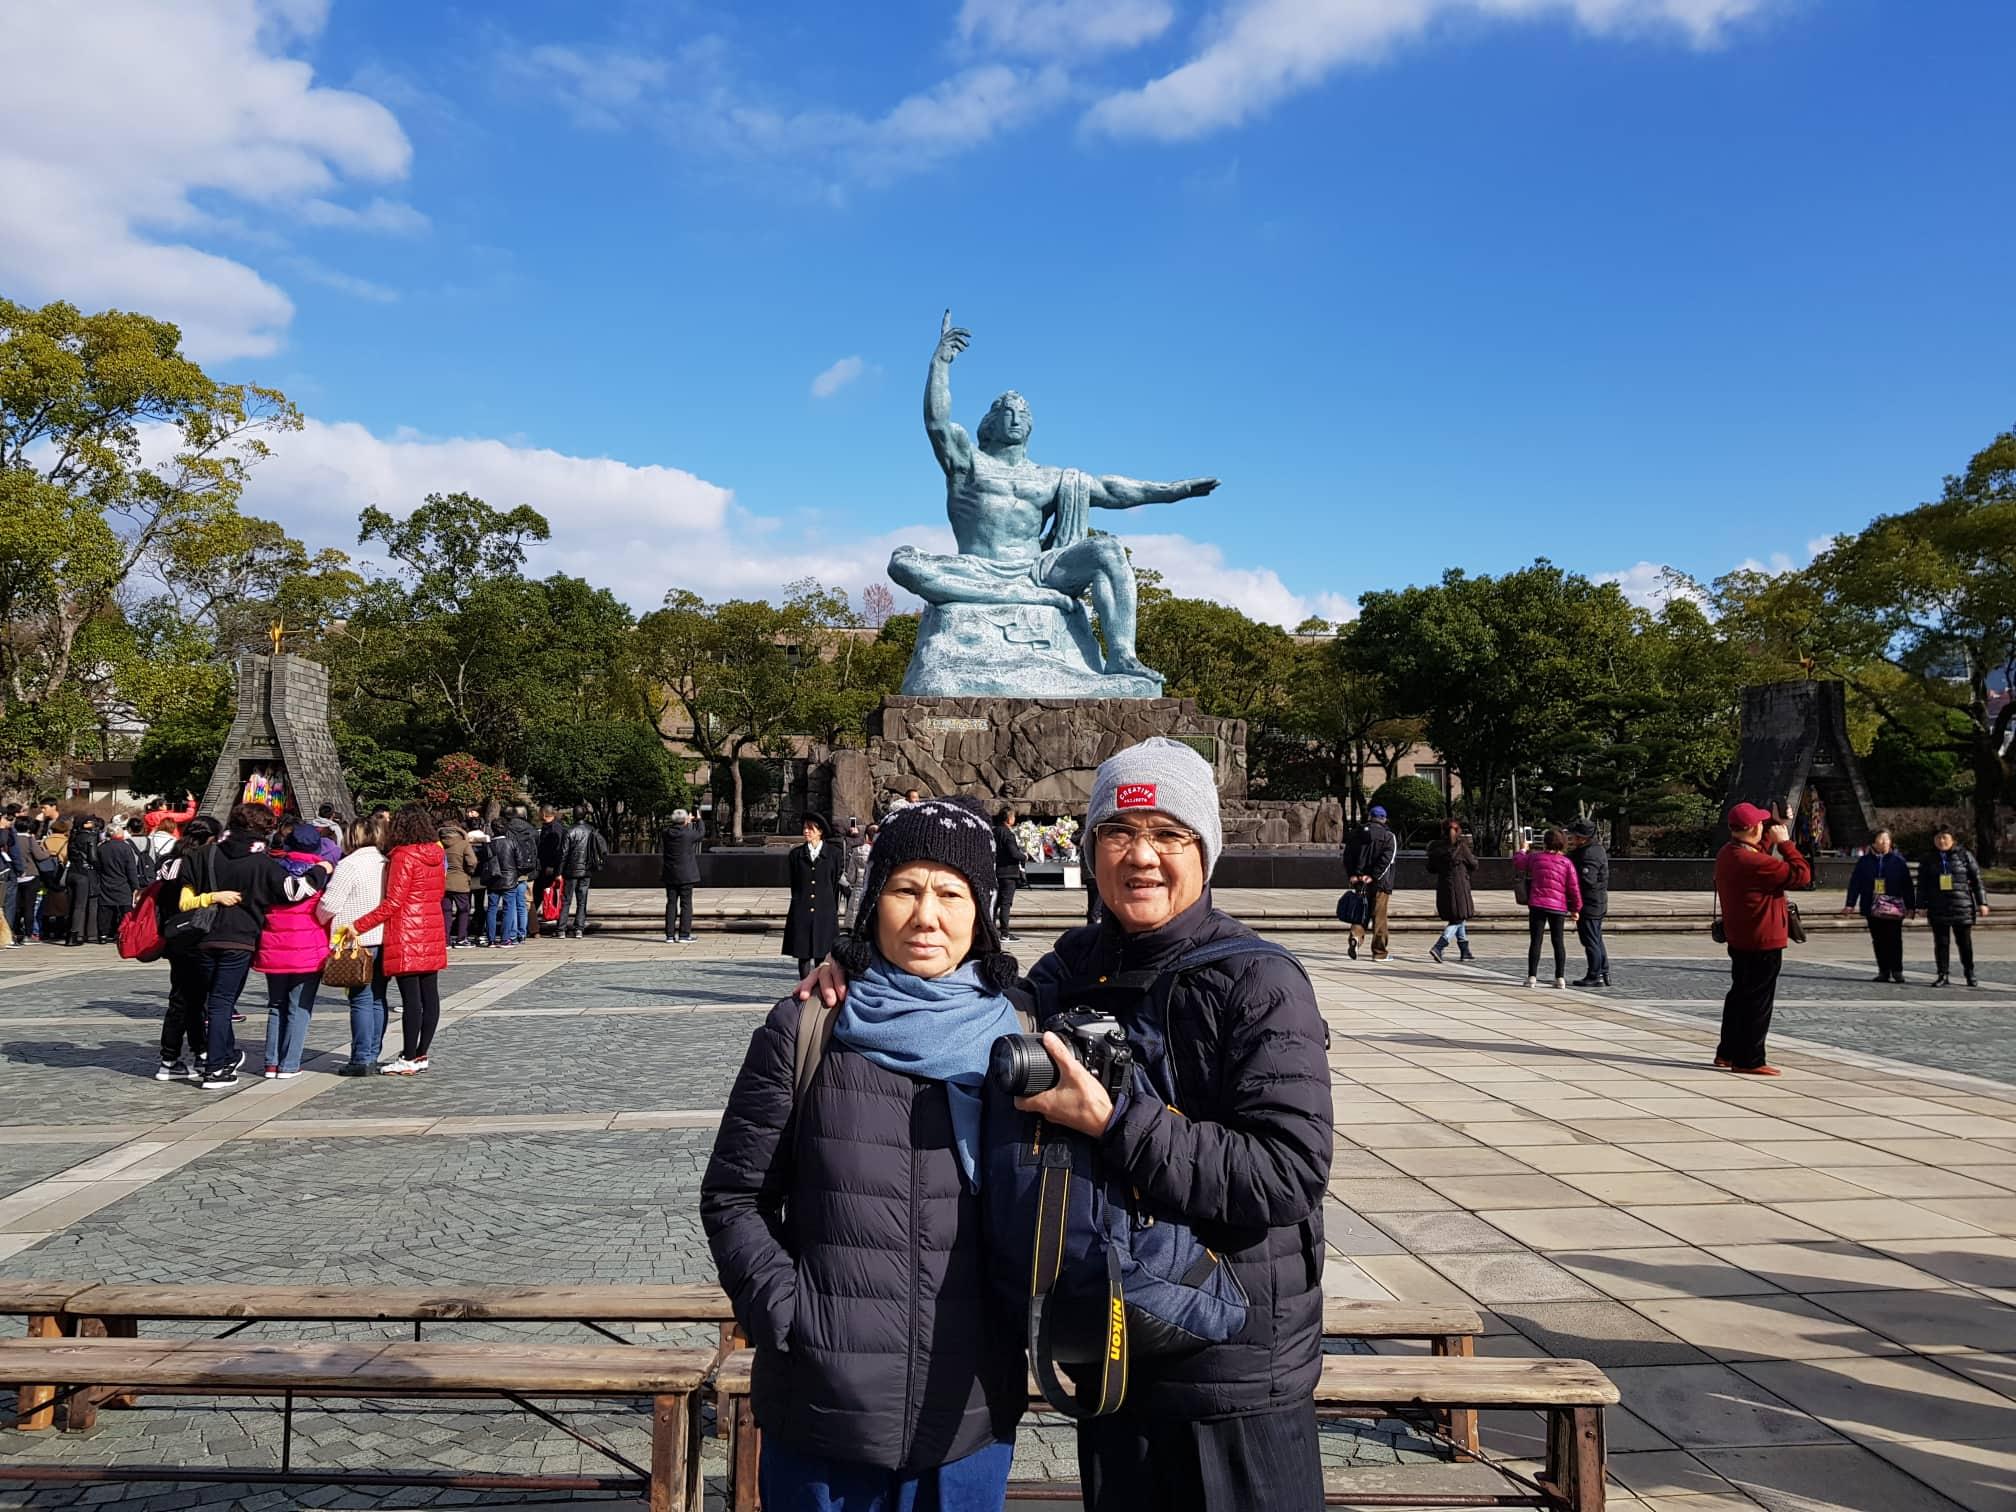 Đoàn khách tham quan Thượng Hải - Nagashaki ngày 10/12/2018